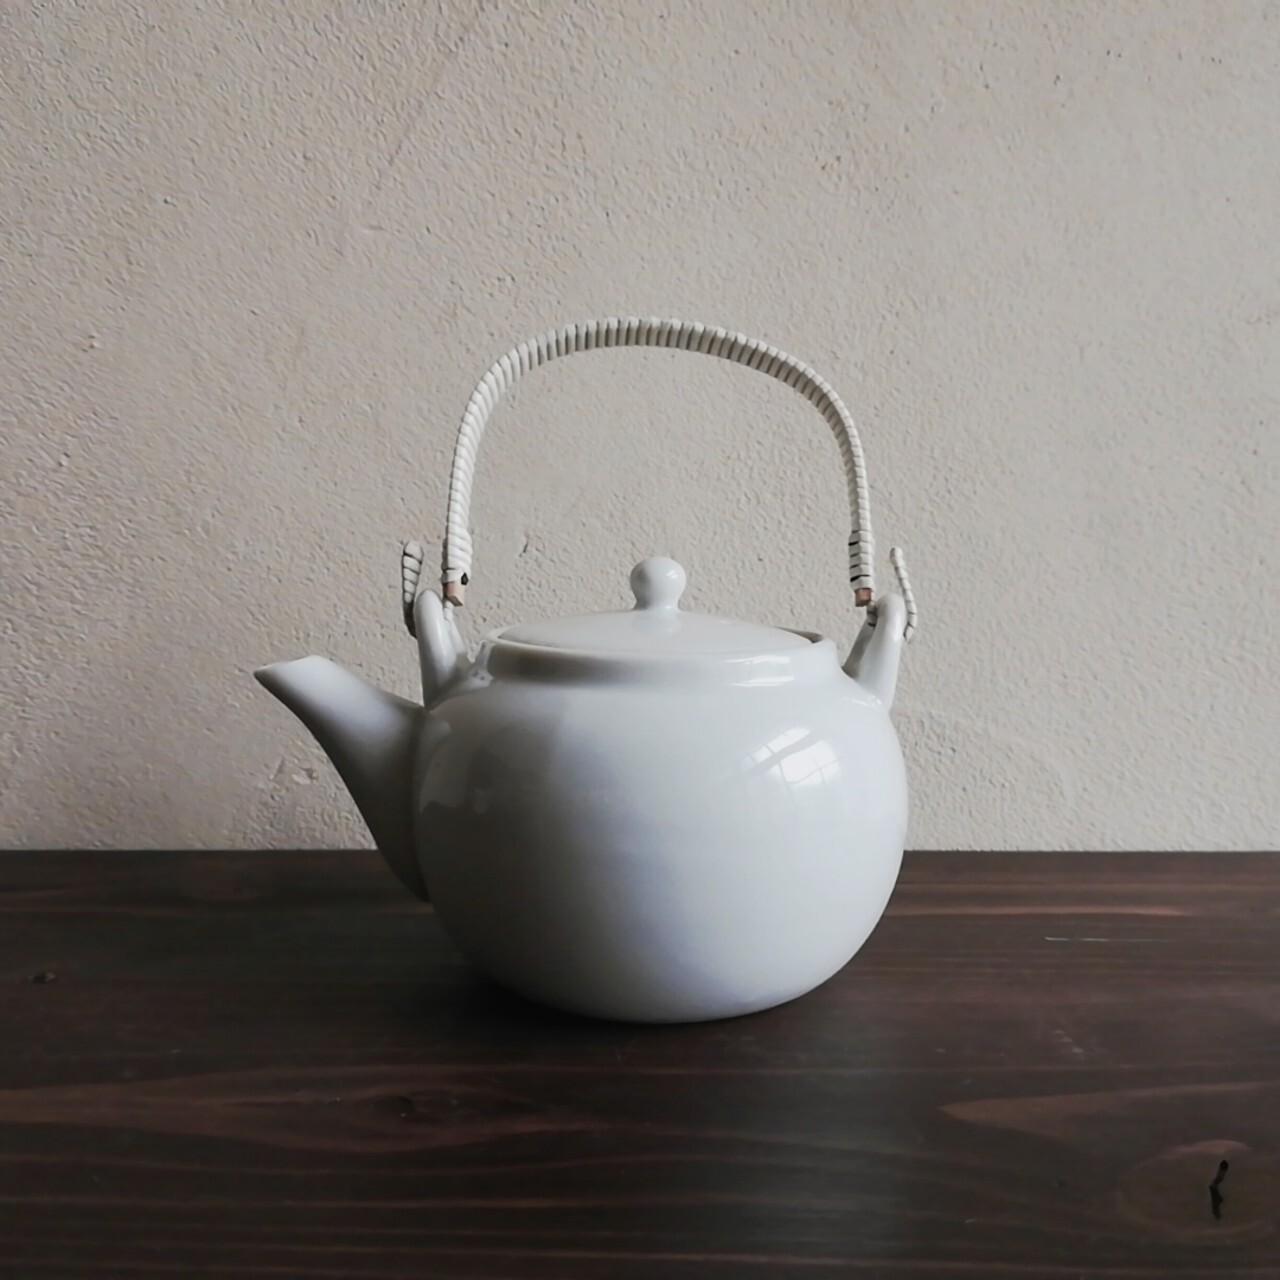 白磁の小さな土瓶【昭和初期頃】